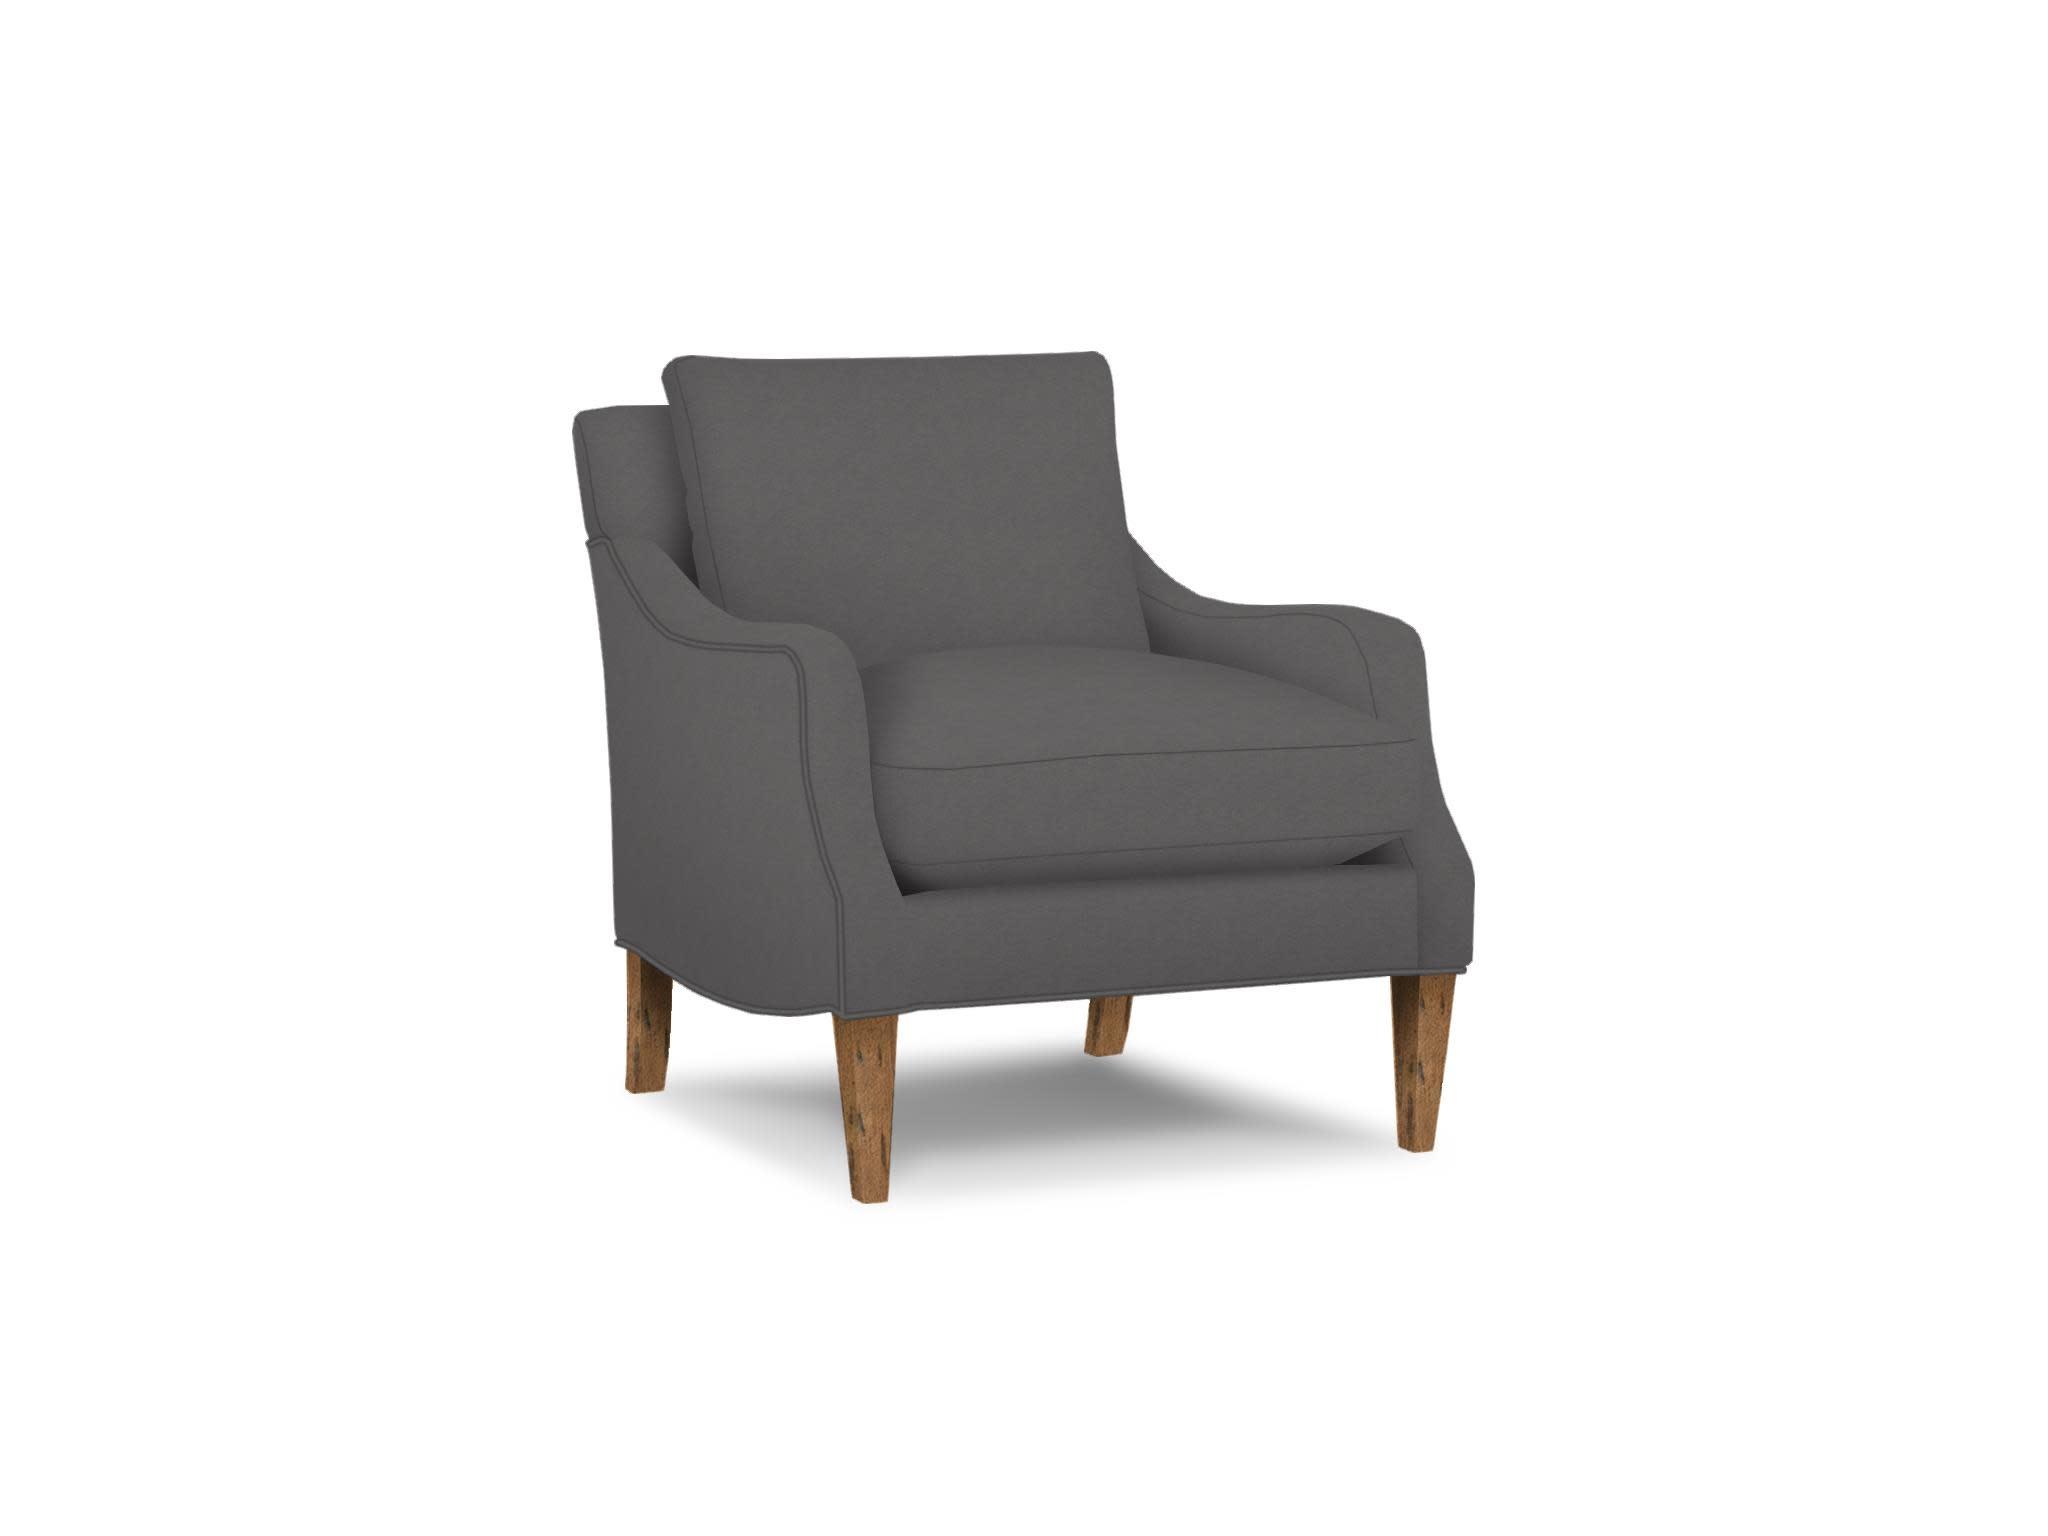 Mally Chair 13695-83